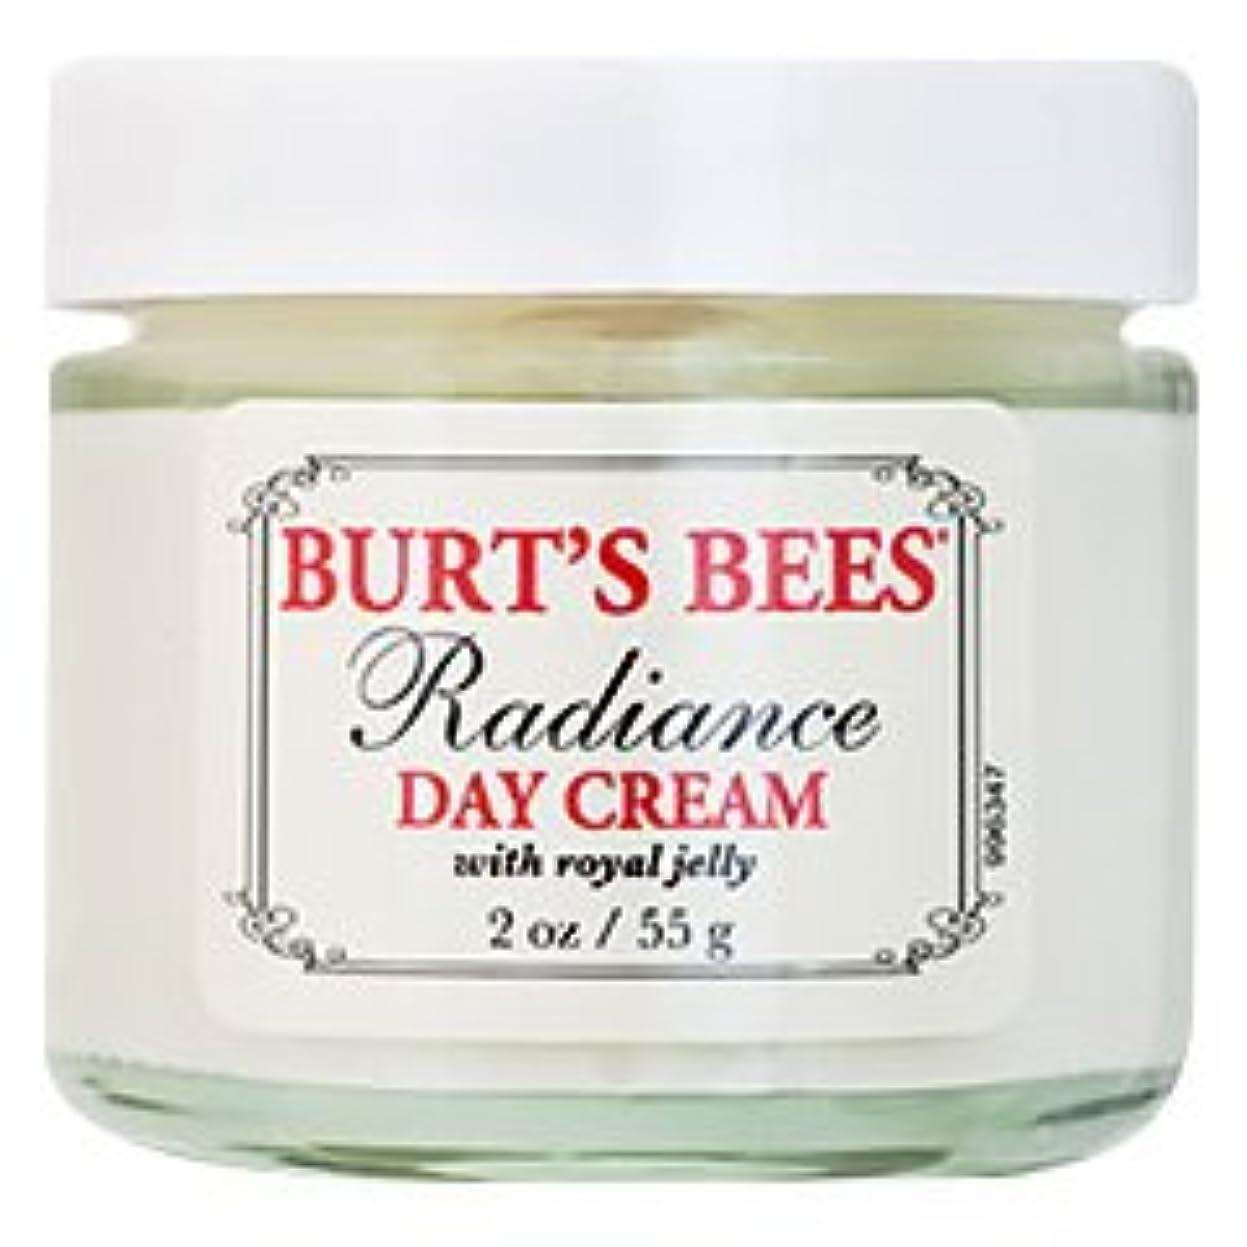 計算切り下げ切り下げバーツビーズ(Burt's Bees) ラディアンス デイクリーム(ロイヤルジェリー) 55g [海外直送品][並行輸入品]